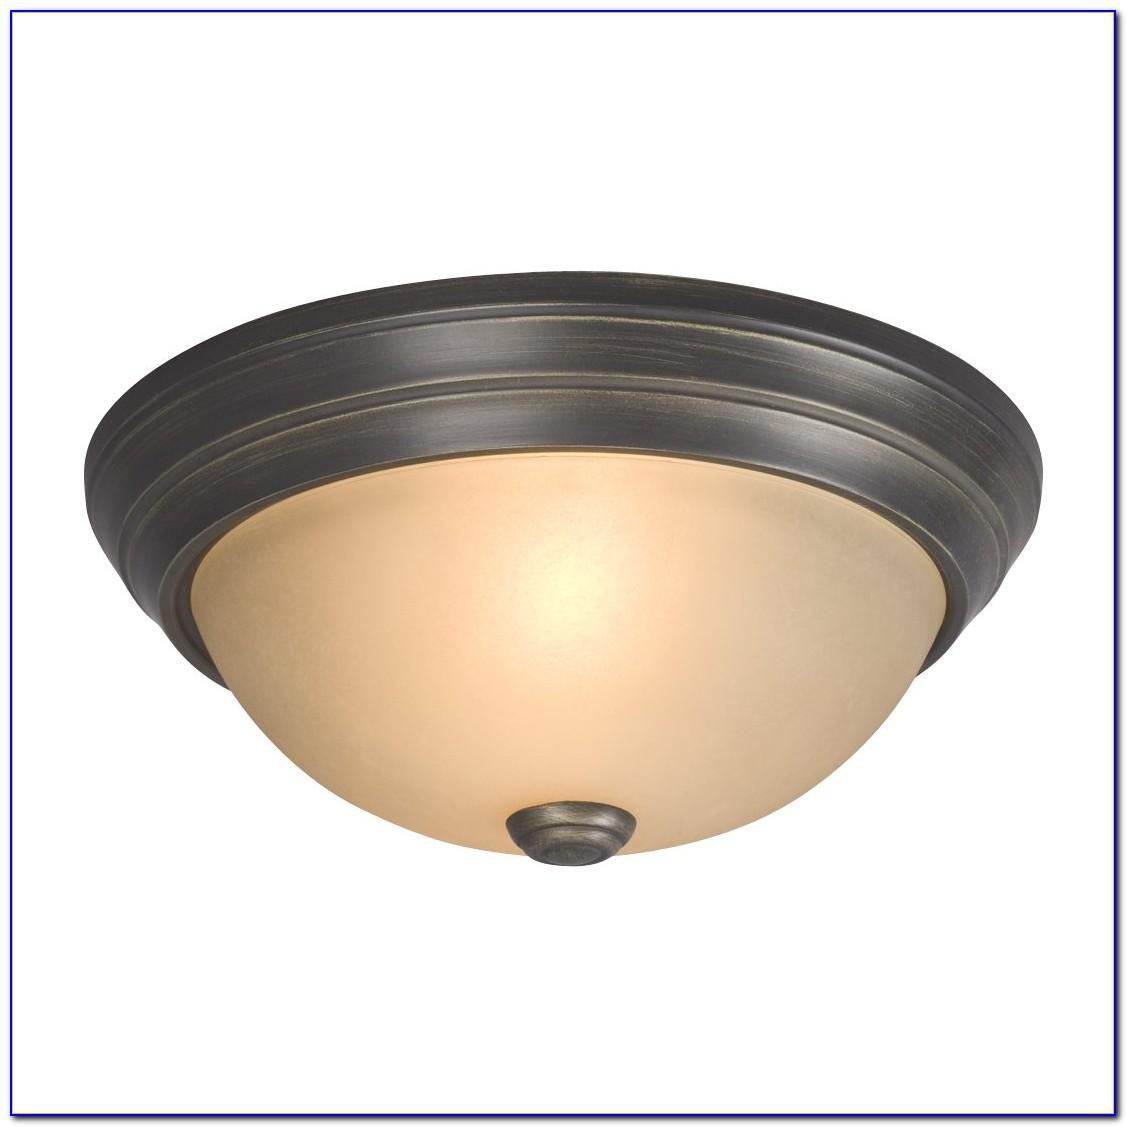 Oil Rubbed Bronze Flush Mount Ceiling Light